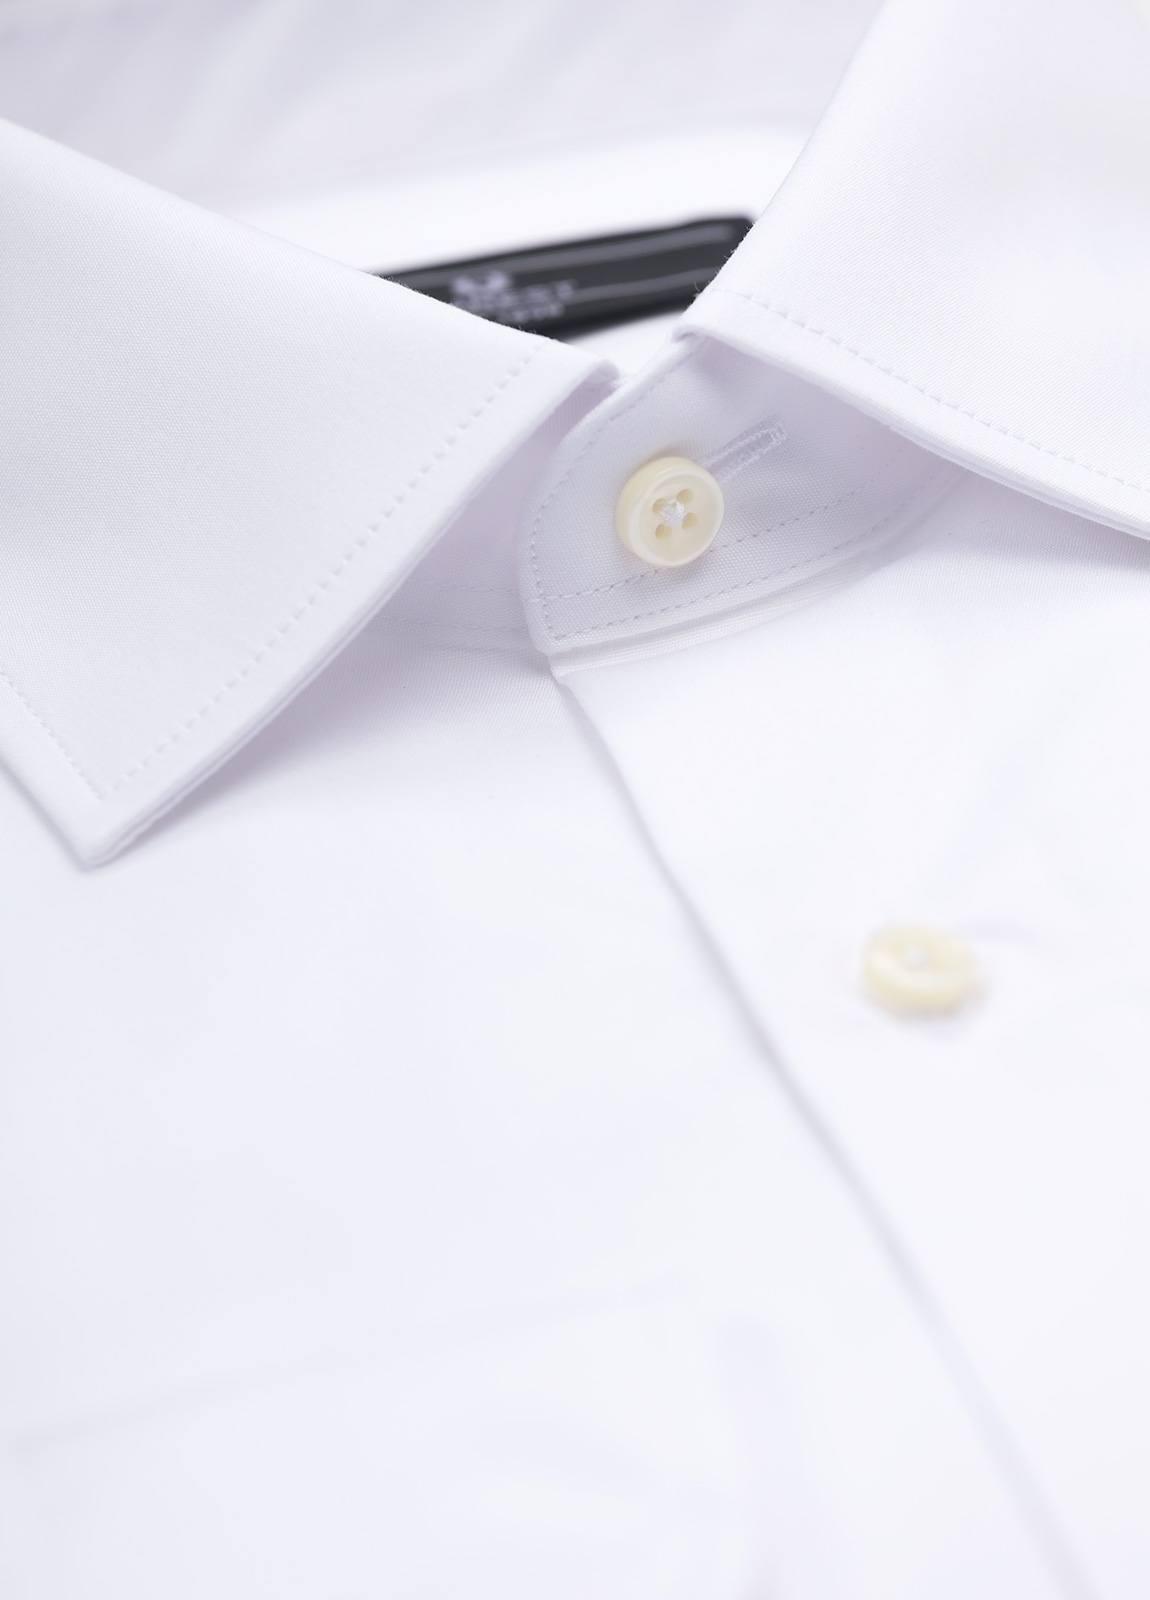 Camisa Formal Wear SLIM FIT cuello italiano modelo ROMA liso color blanco. 100% Algodón Popelin. Fácil planchado. - Ítem1